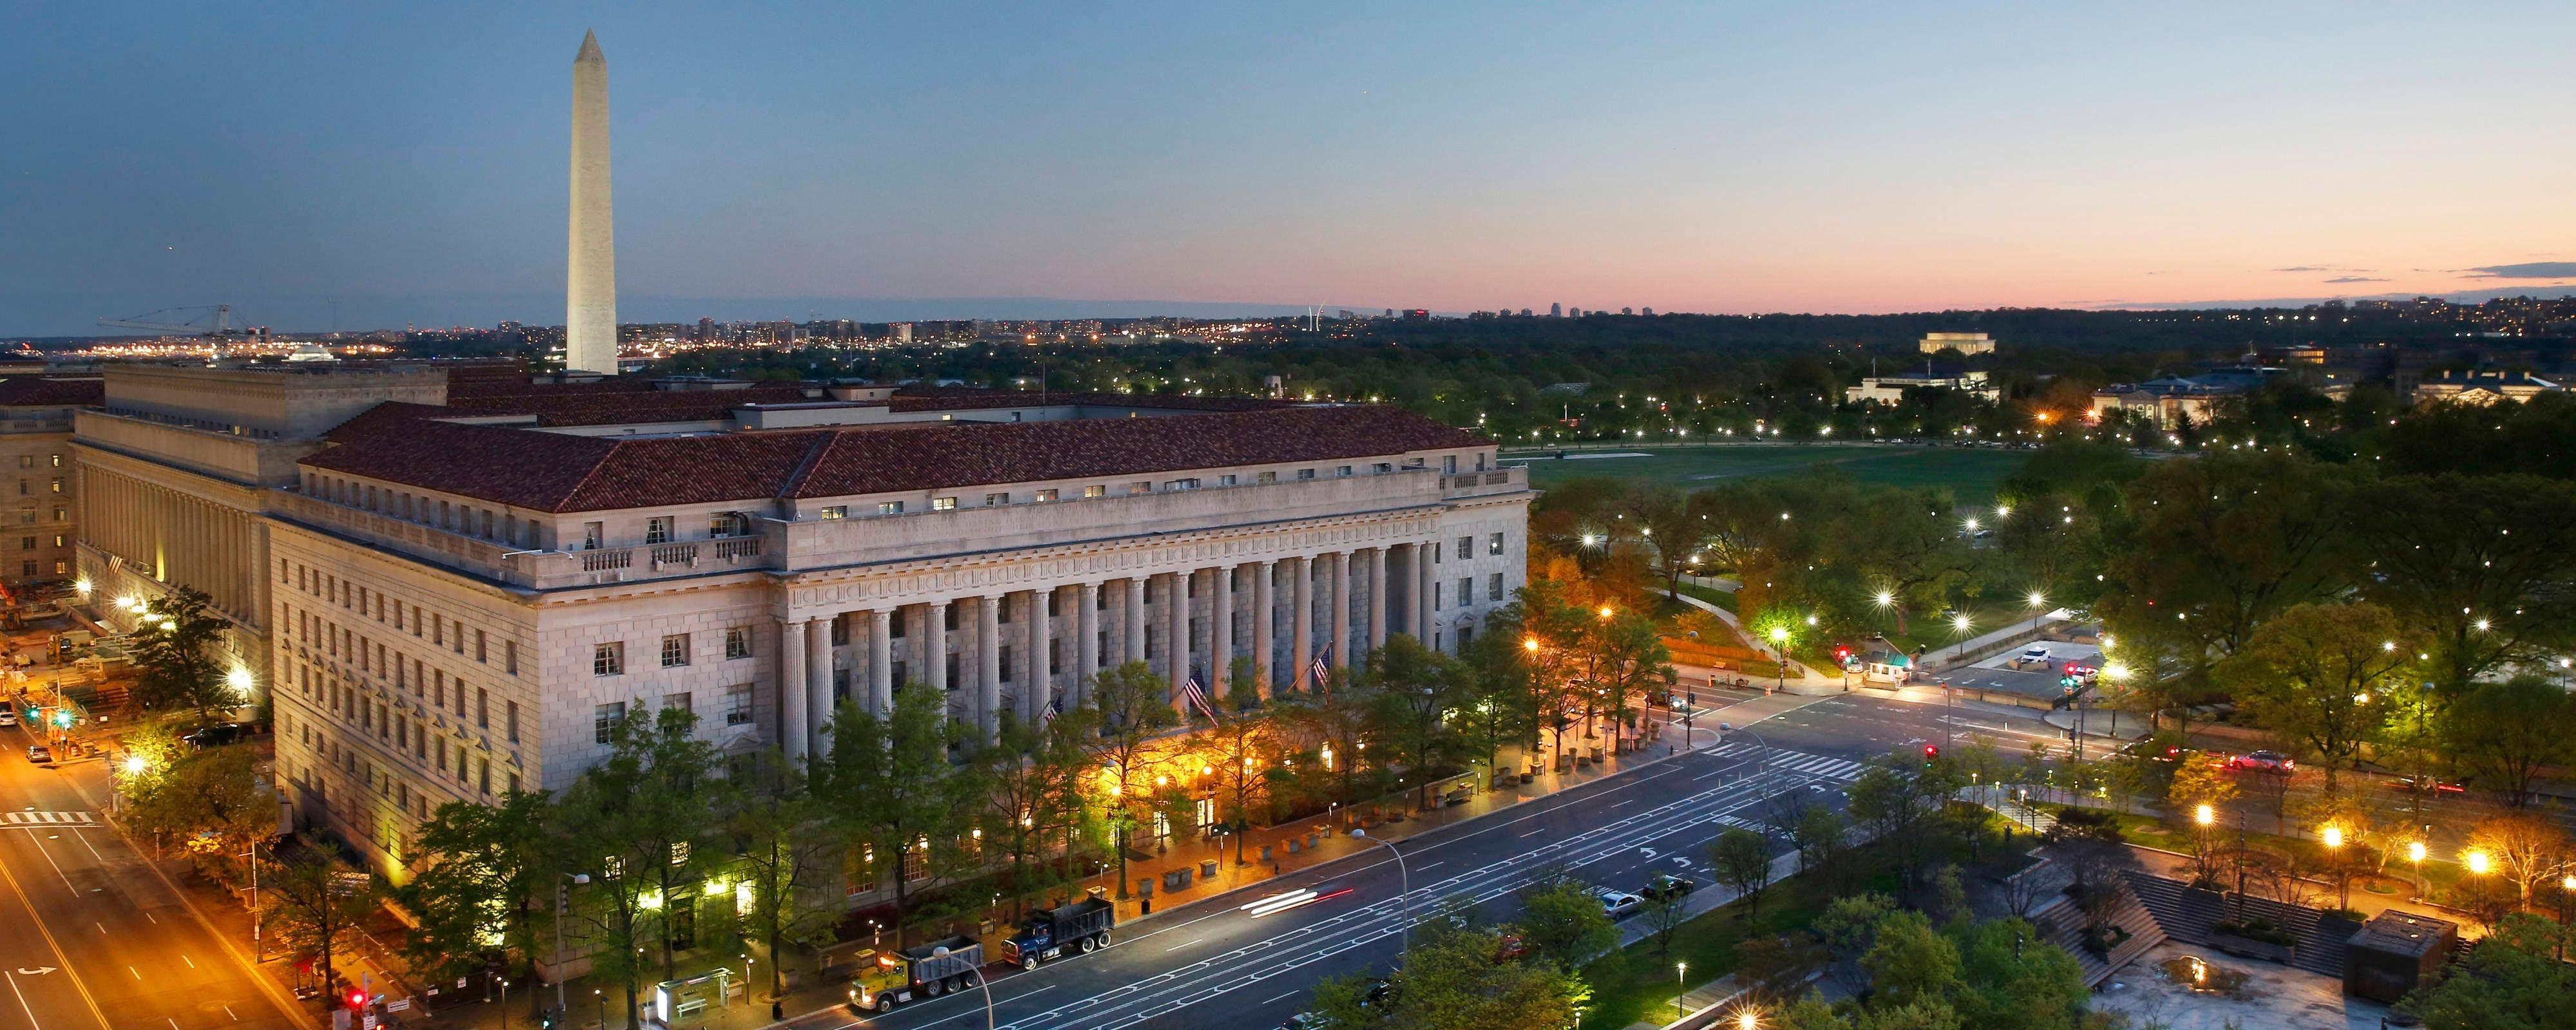 Hotels Near Washington Monument Dc